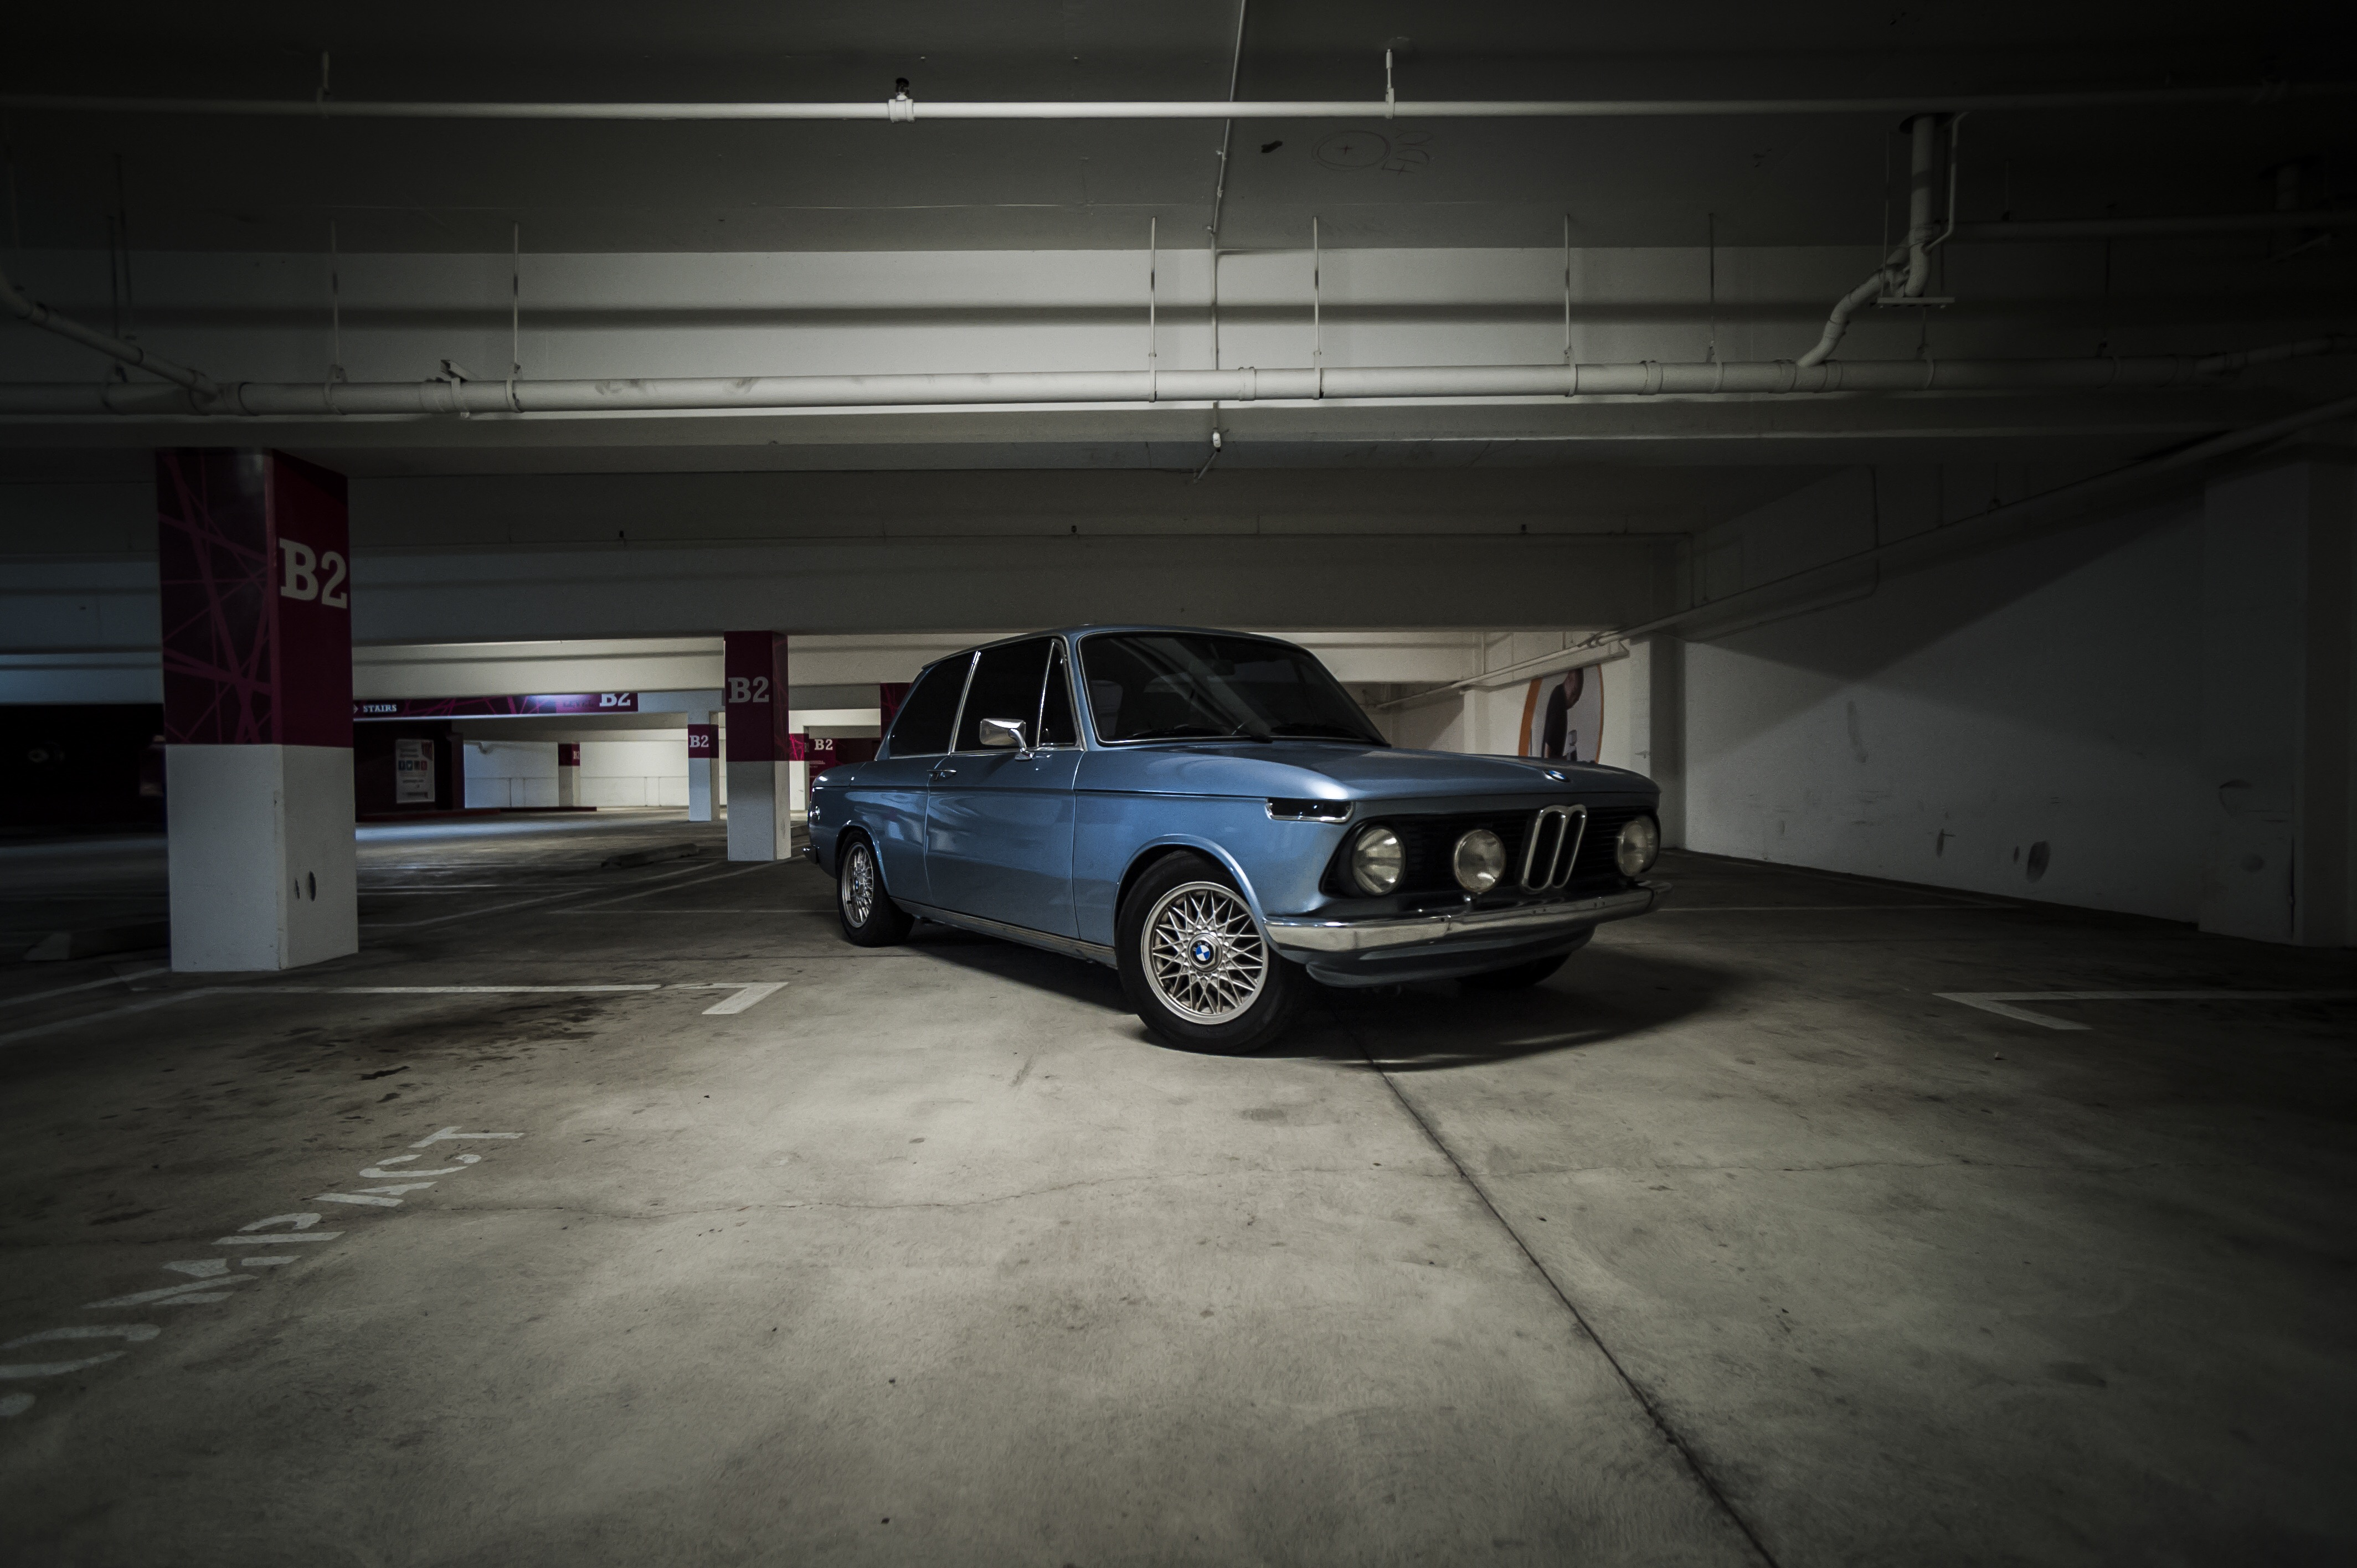 1976 BMW 2002 fjord blue parking lot